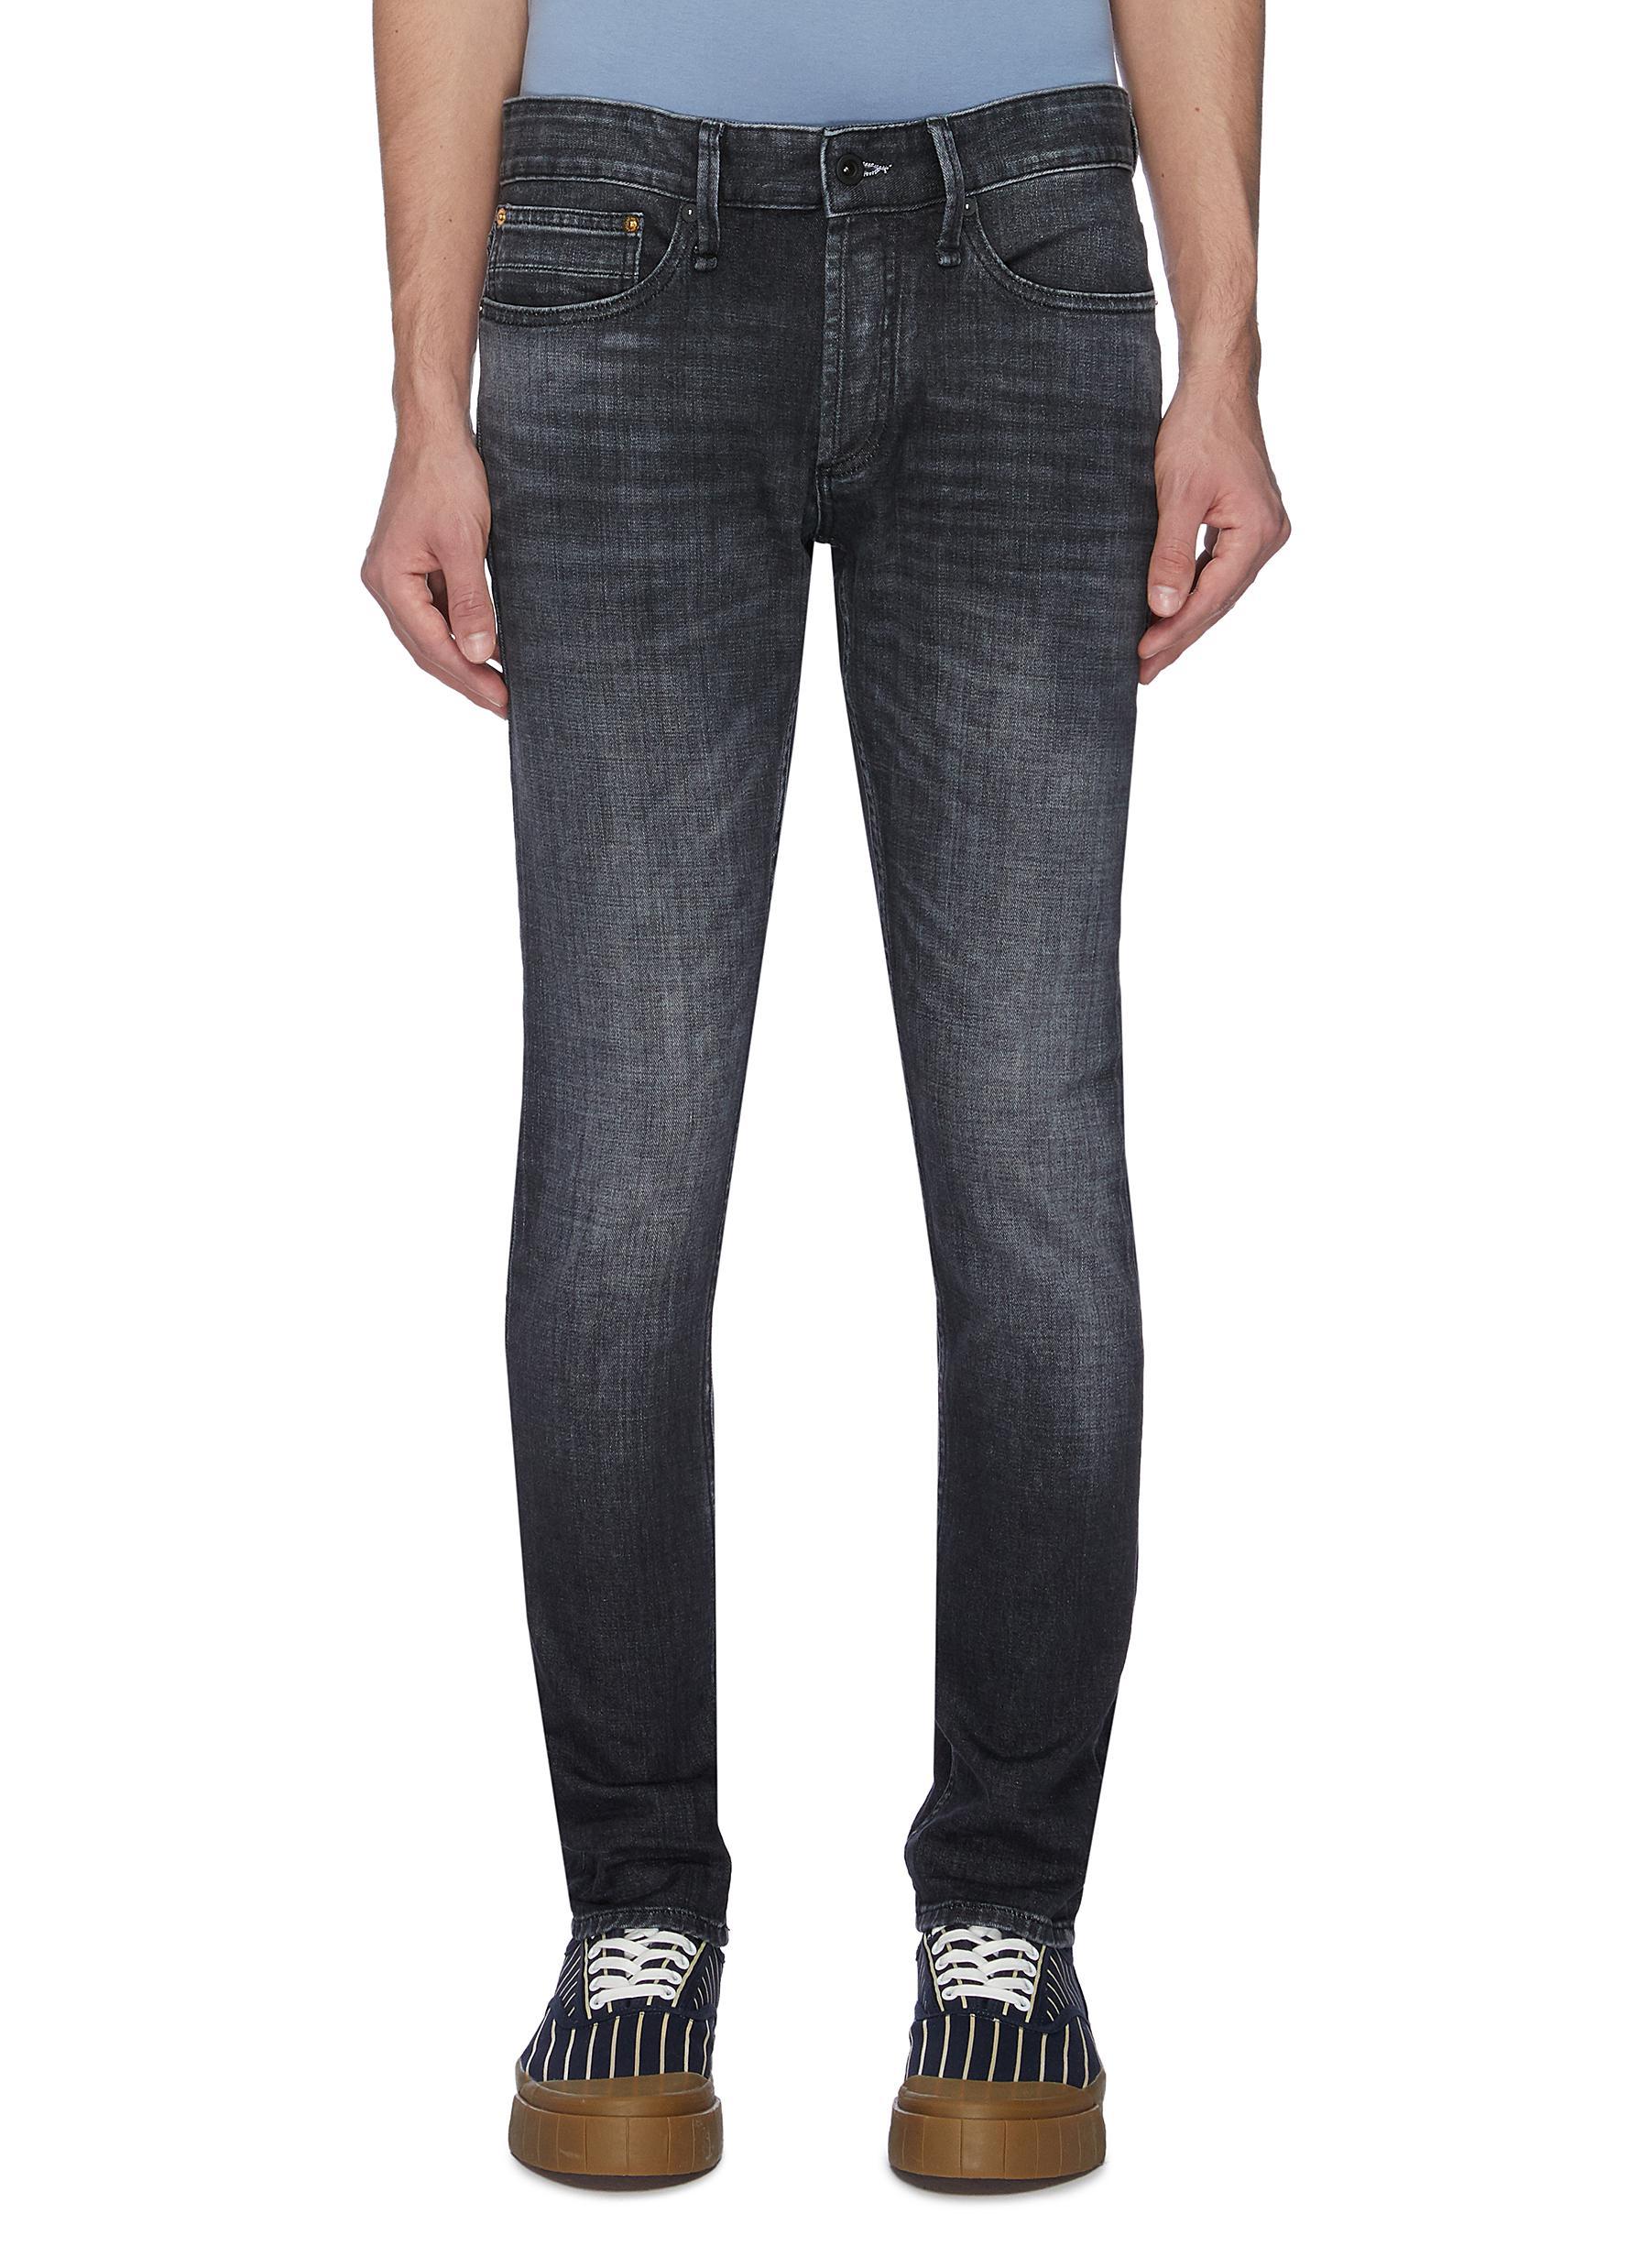 'Bolt GRLHB' washed skinny jeans